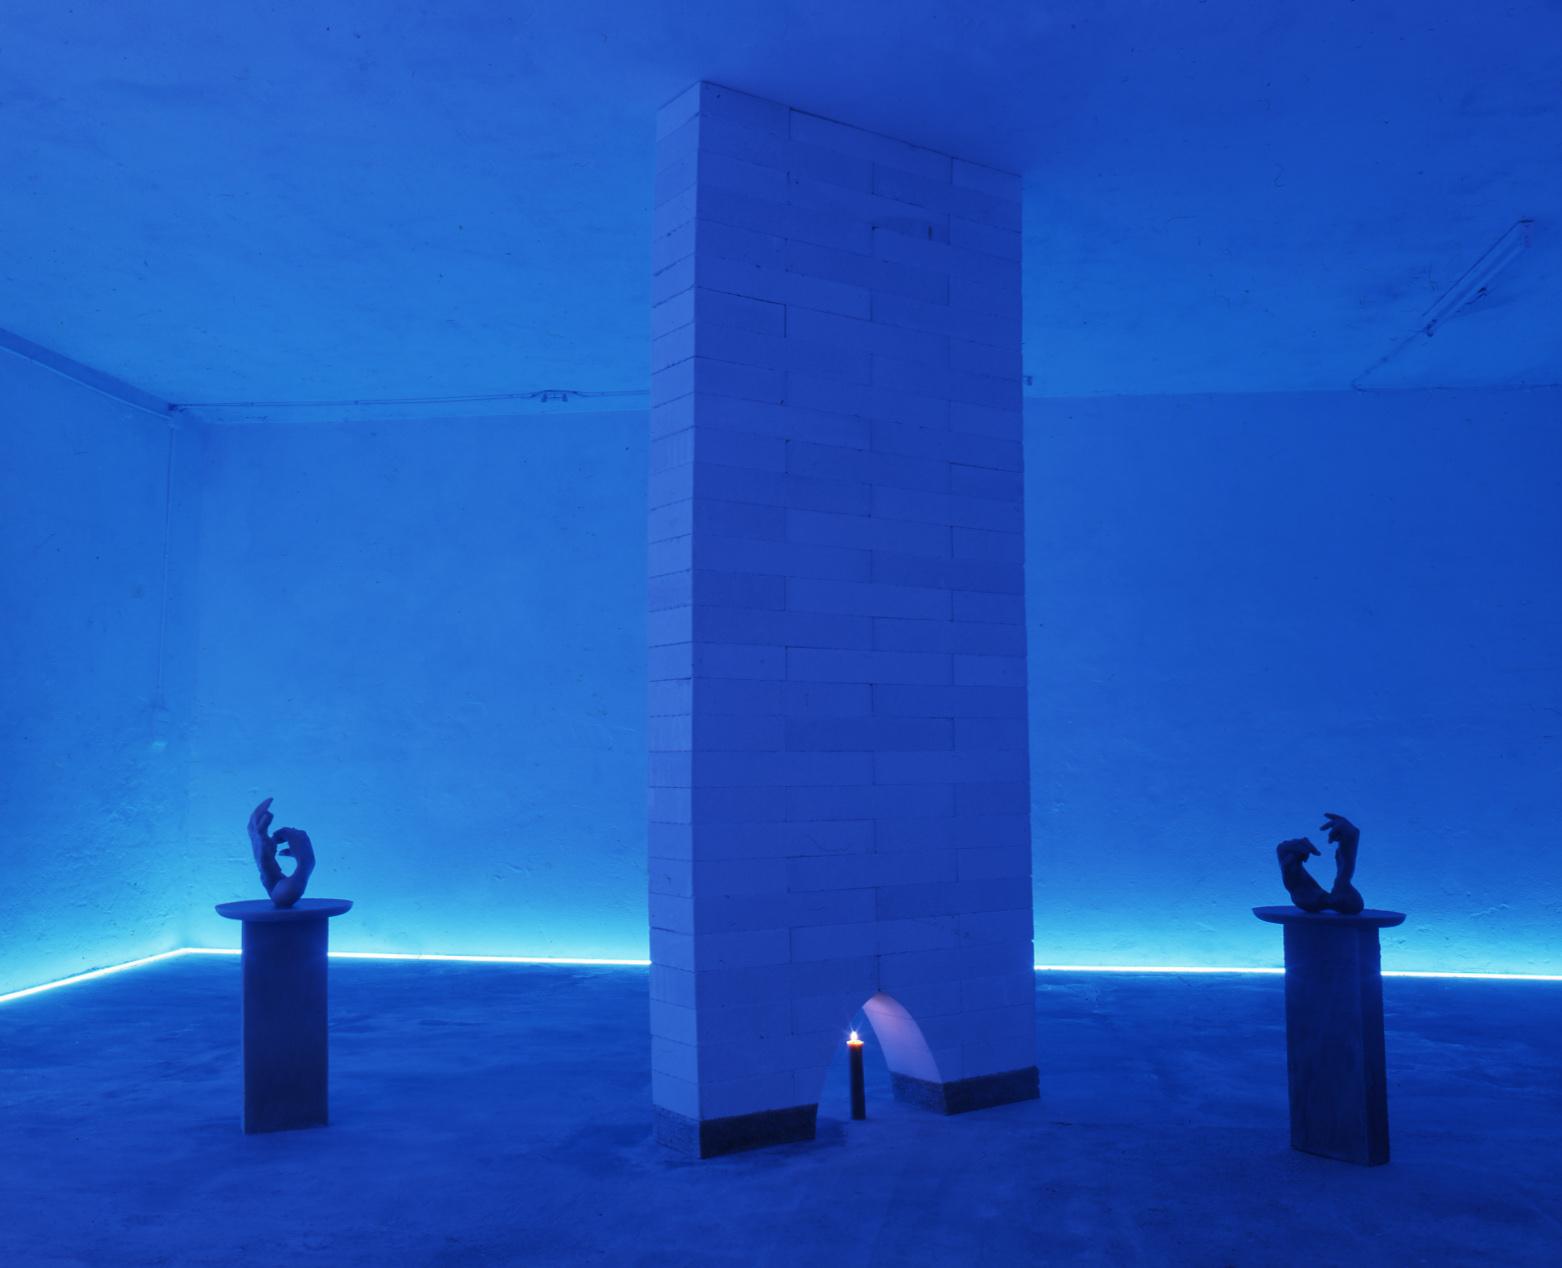 ANDREA NISBET Il Muro infinito 2001 Gas – beton, cera d'api, neon, candela Dimensioni Ambientali